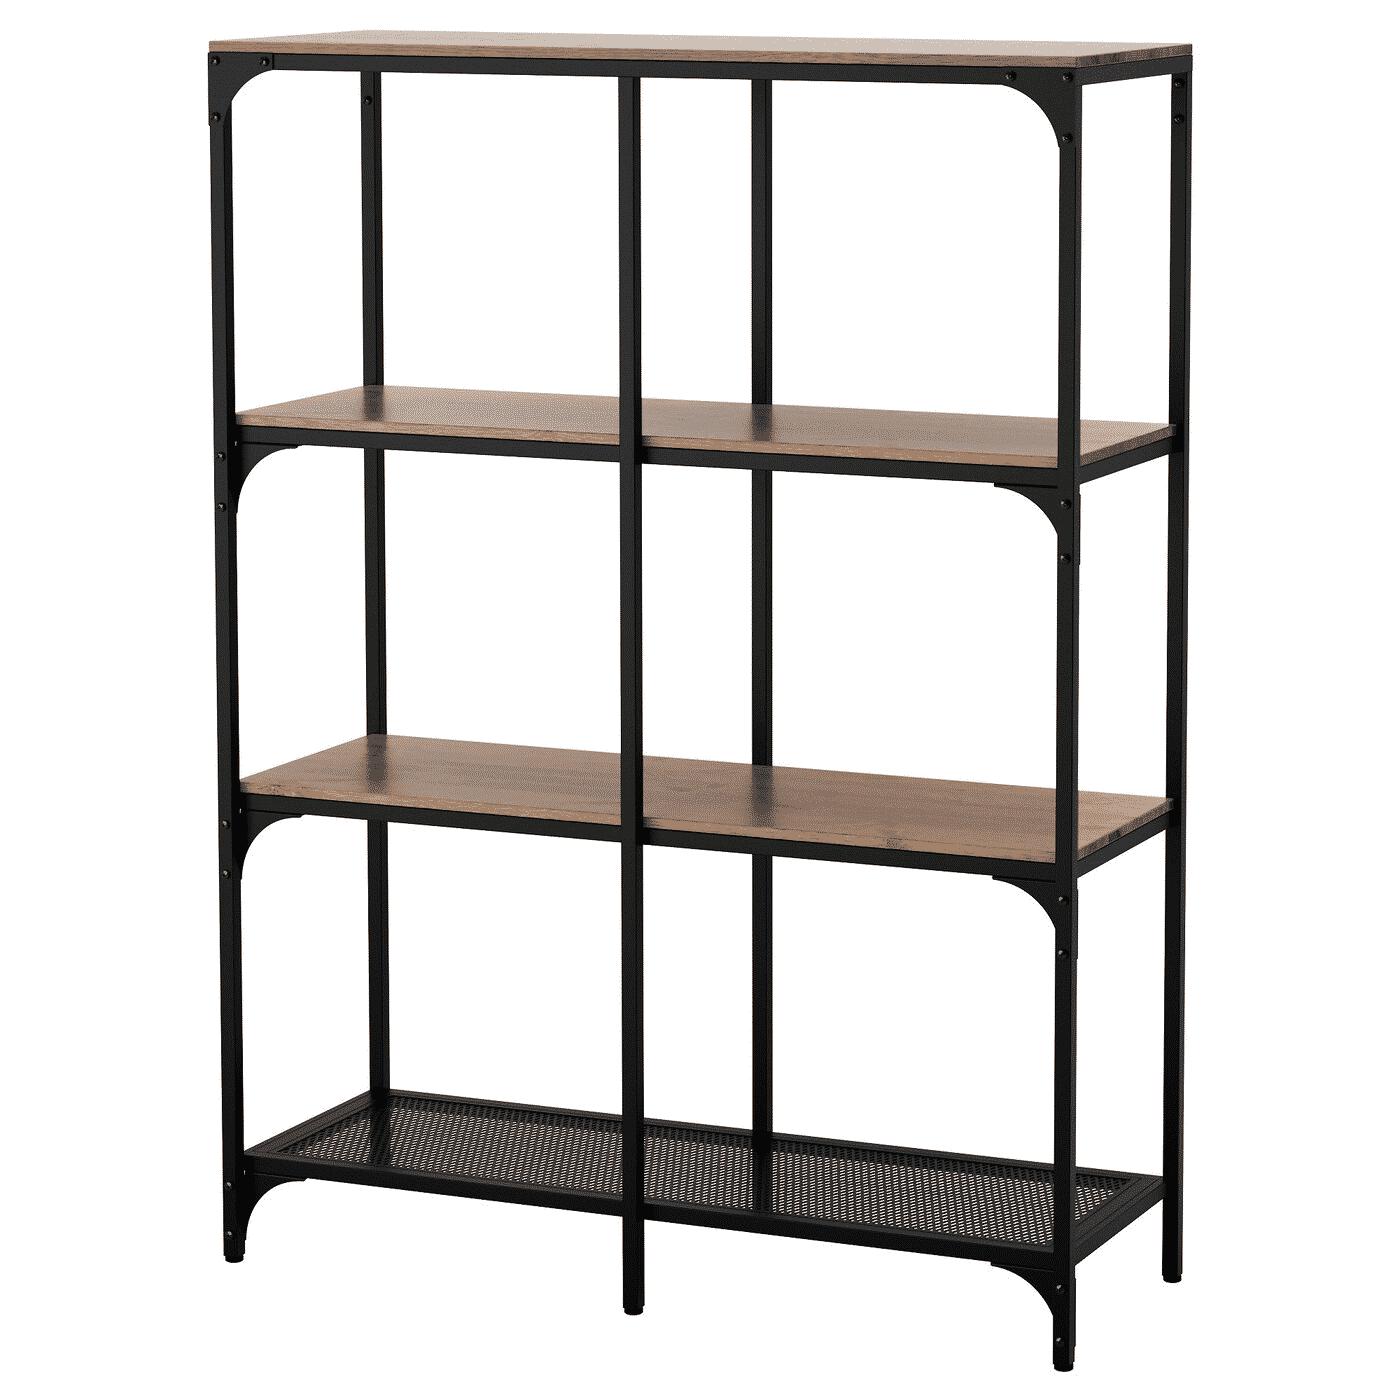 FJALLBO Shelf